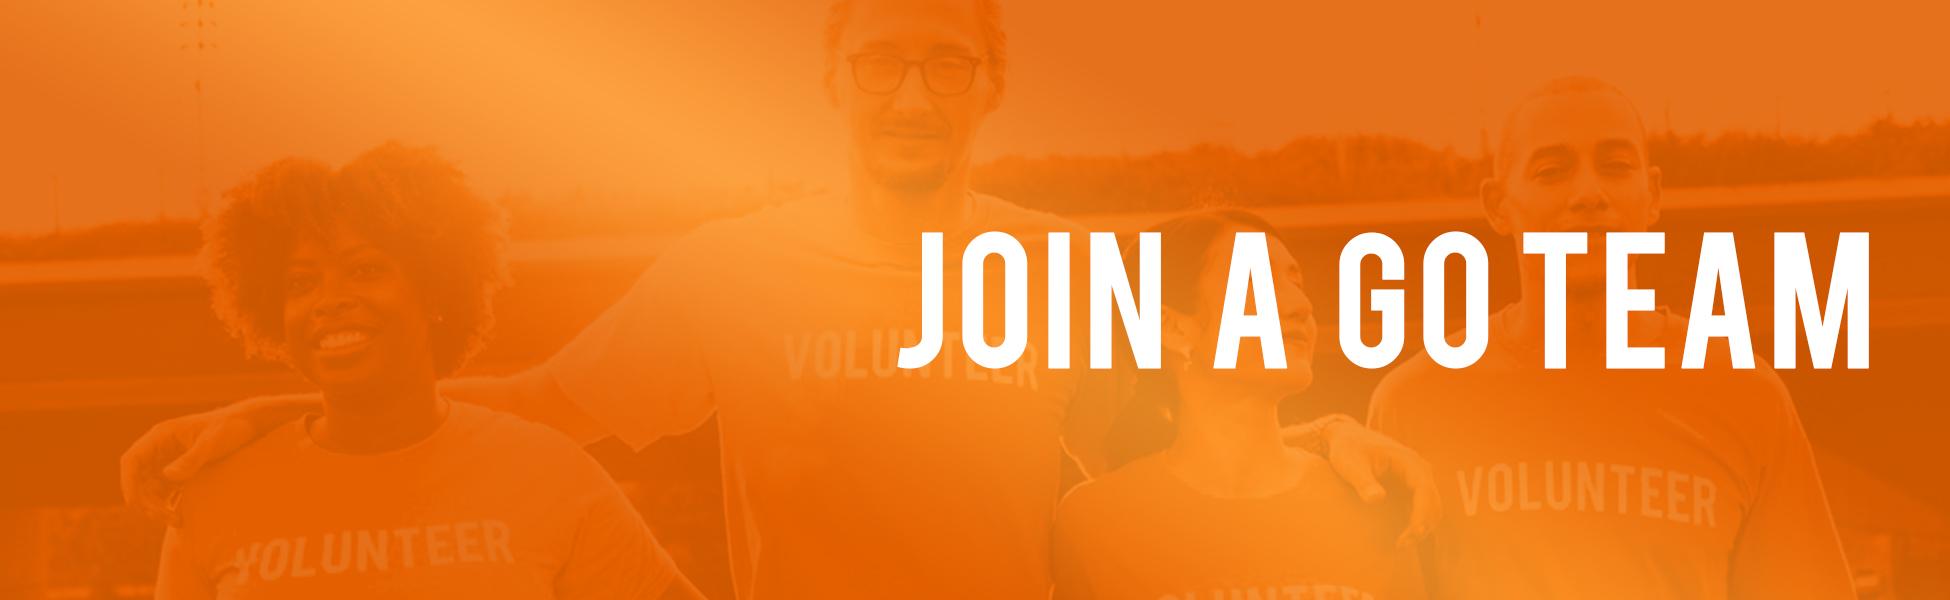 join a go team small.jpg